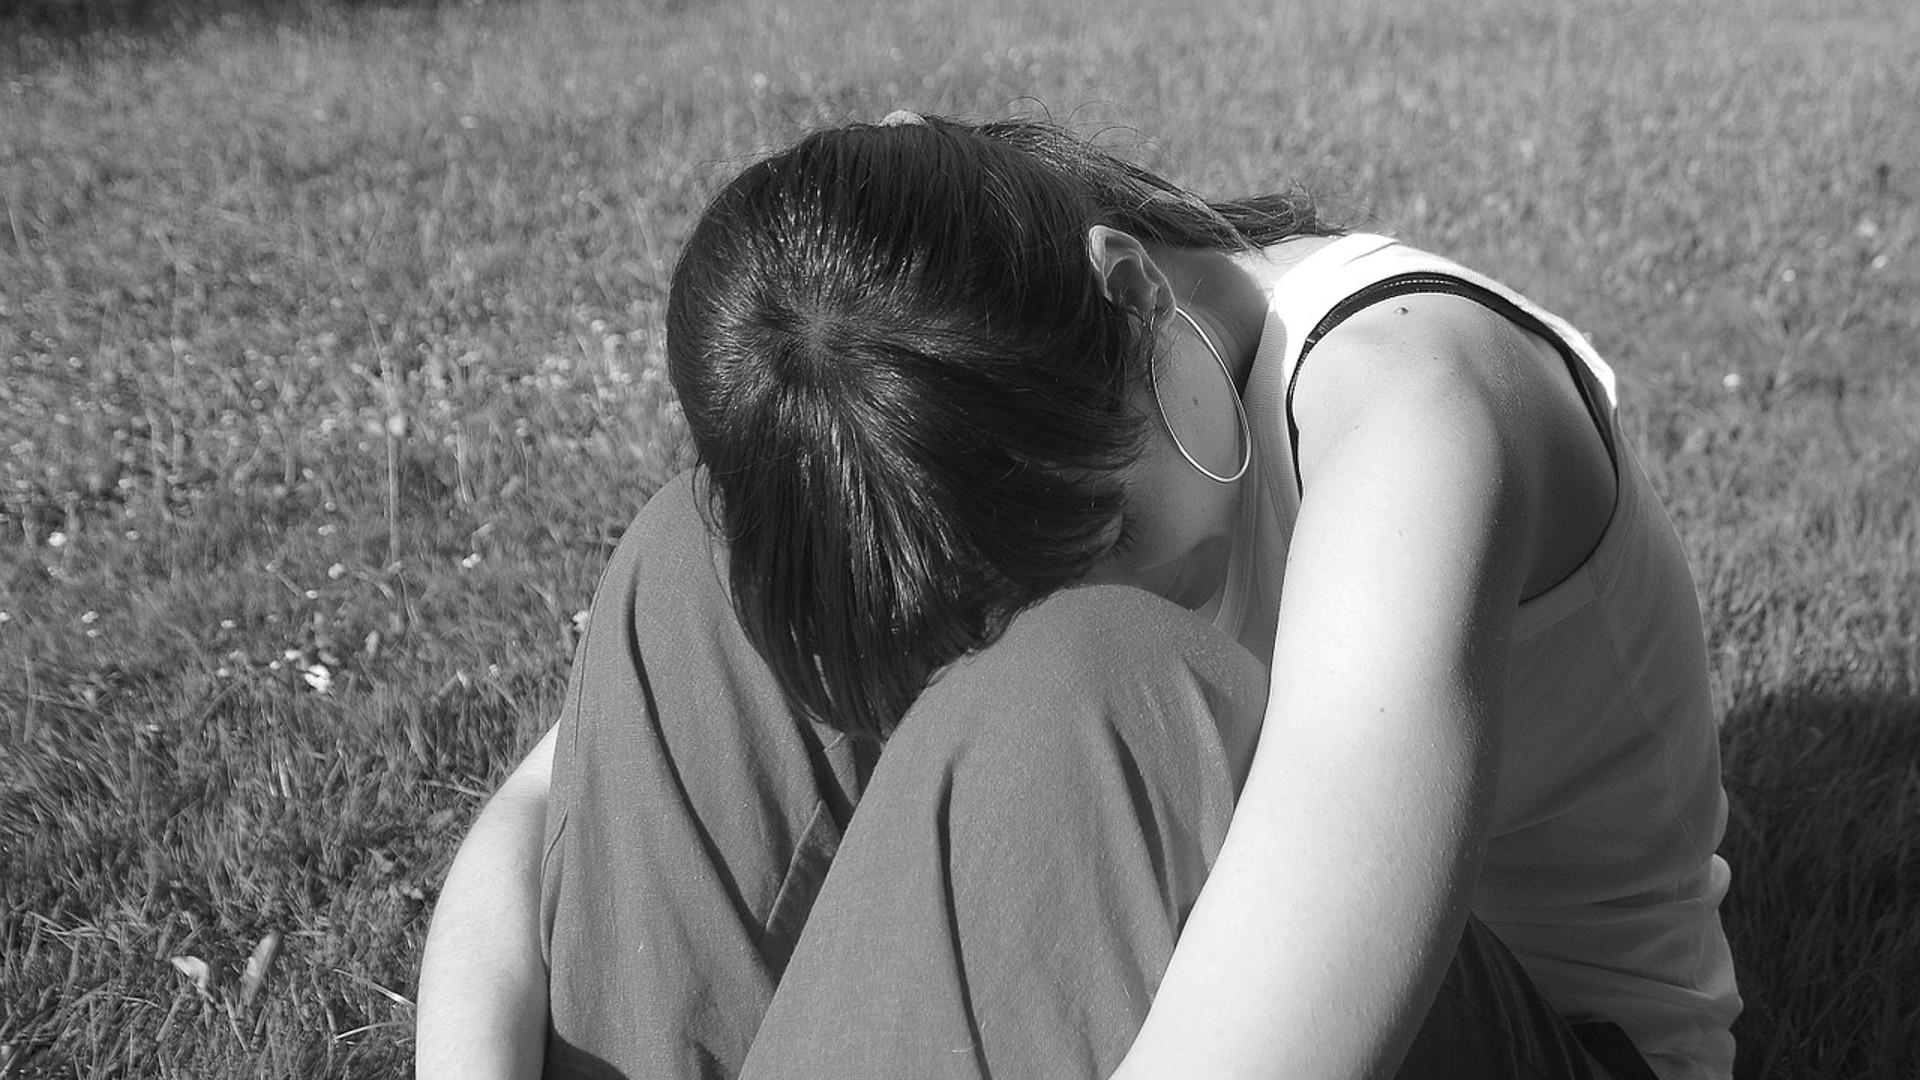 L'emozione dolorosa della vergogna | Centro Psicologia Insieme Milano